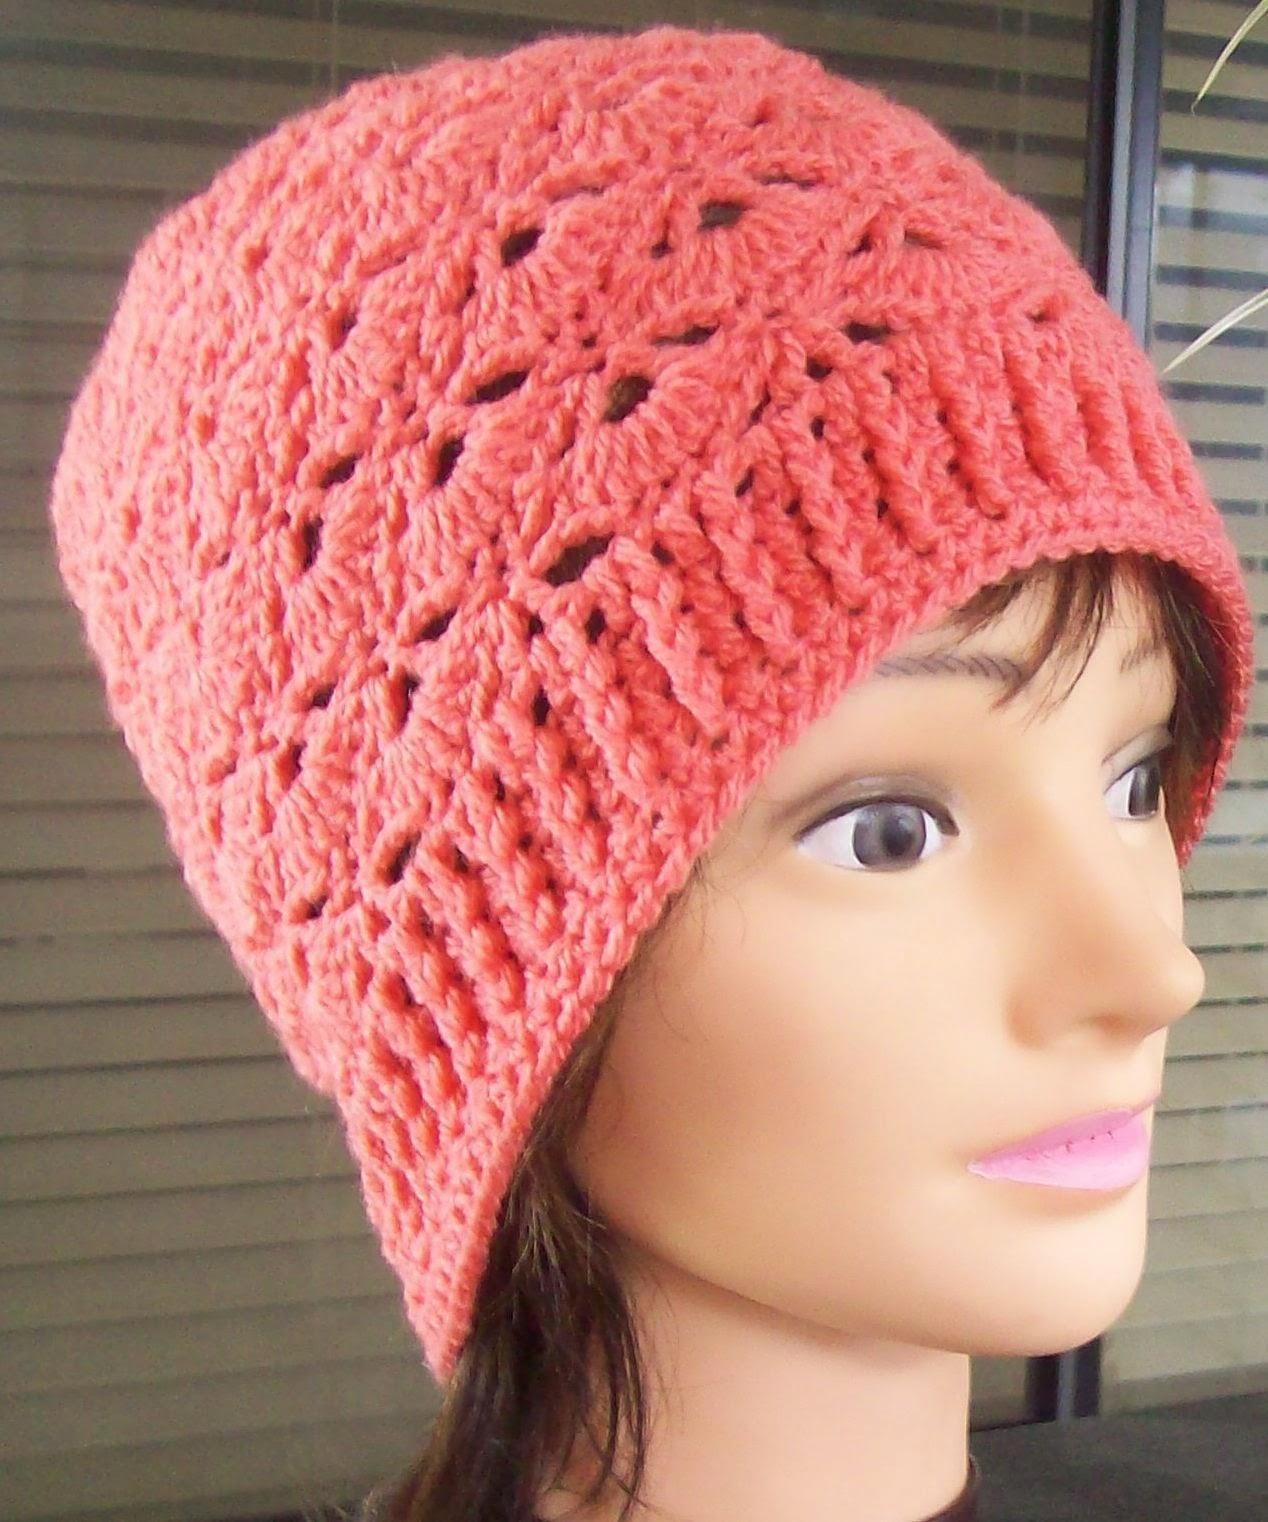 Crochet Hat Patterns Adults : Free Crochet Patterns By Cats-Rockin-Crochet